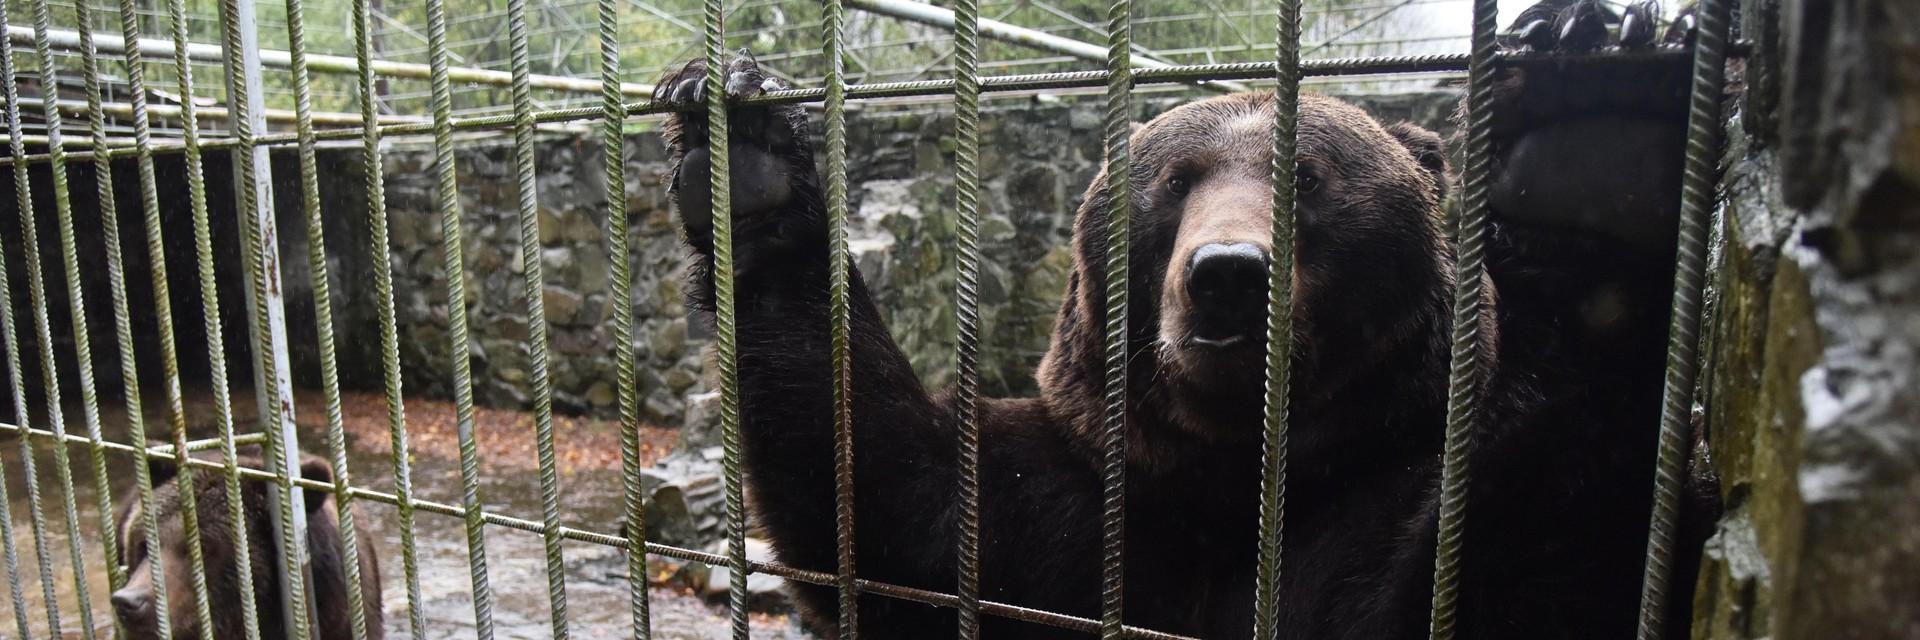 Enfin, nous avons l'occasion de sauver deux ours et de réunir une famille d'ours en Ukraine.